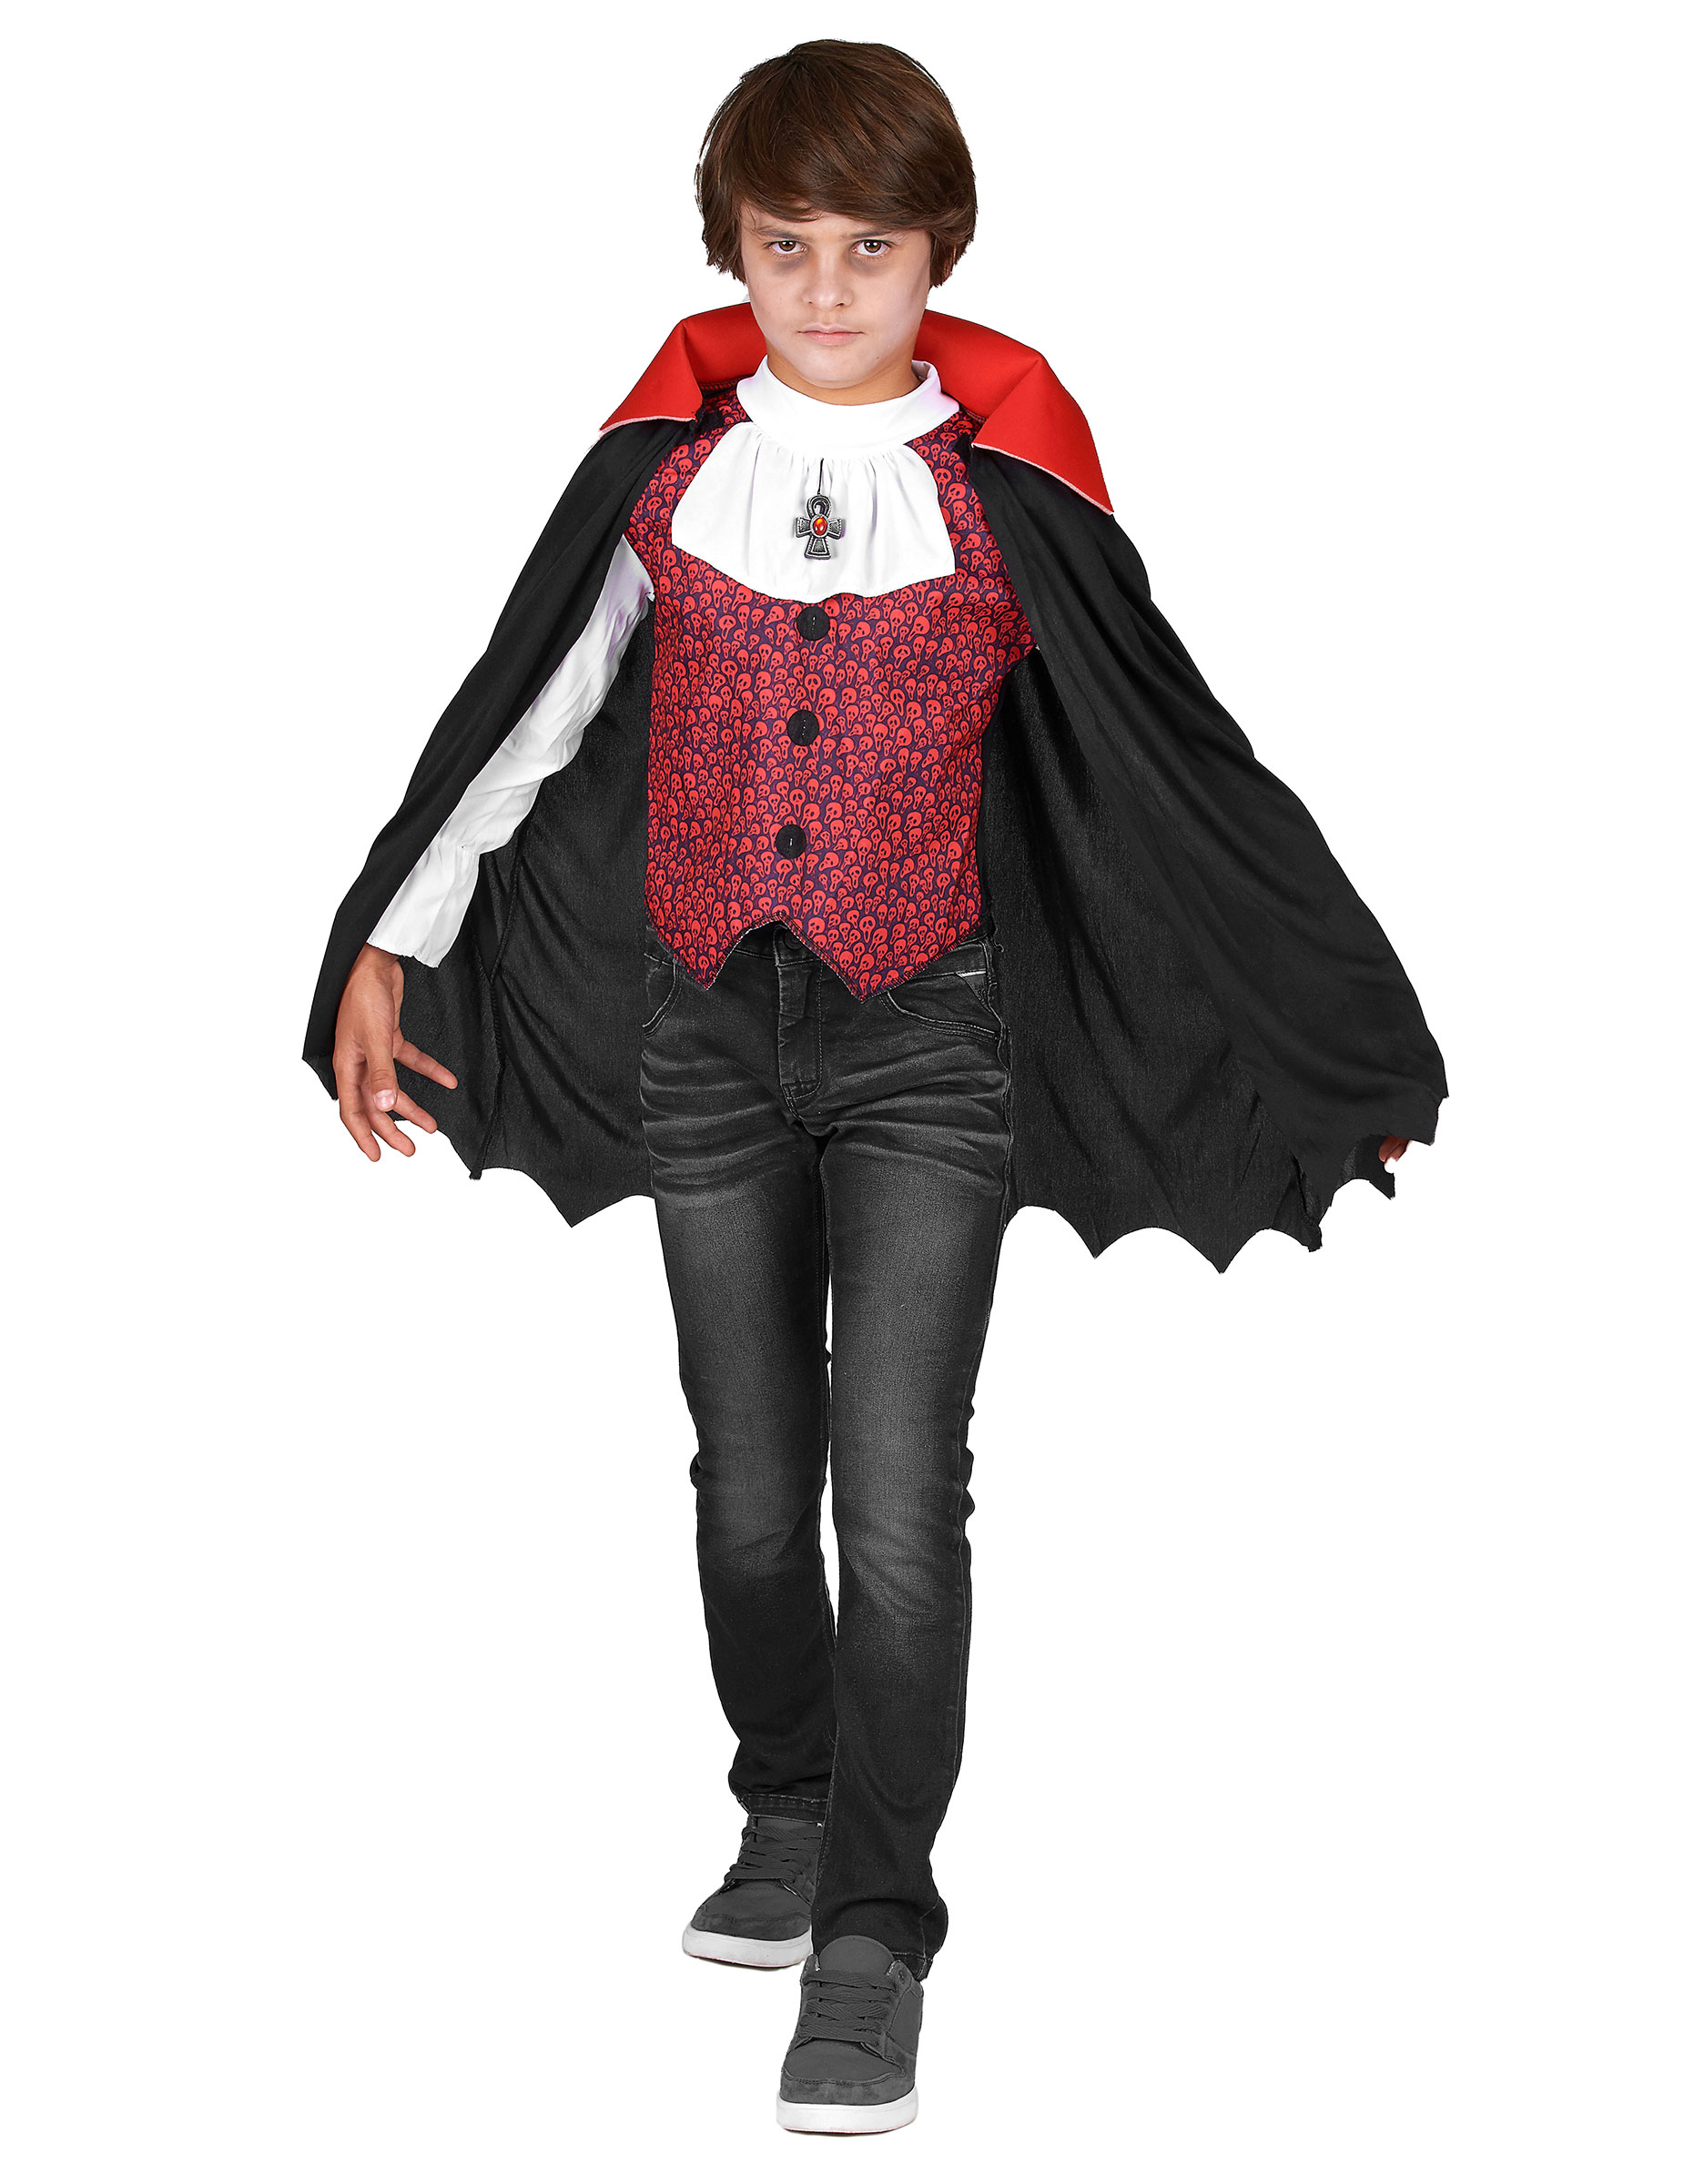 D guisement halloween enfant - Foto garcon ans ...